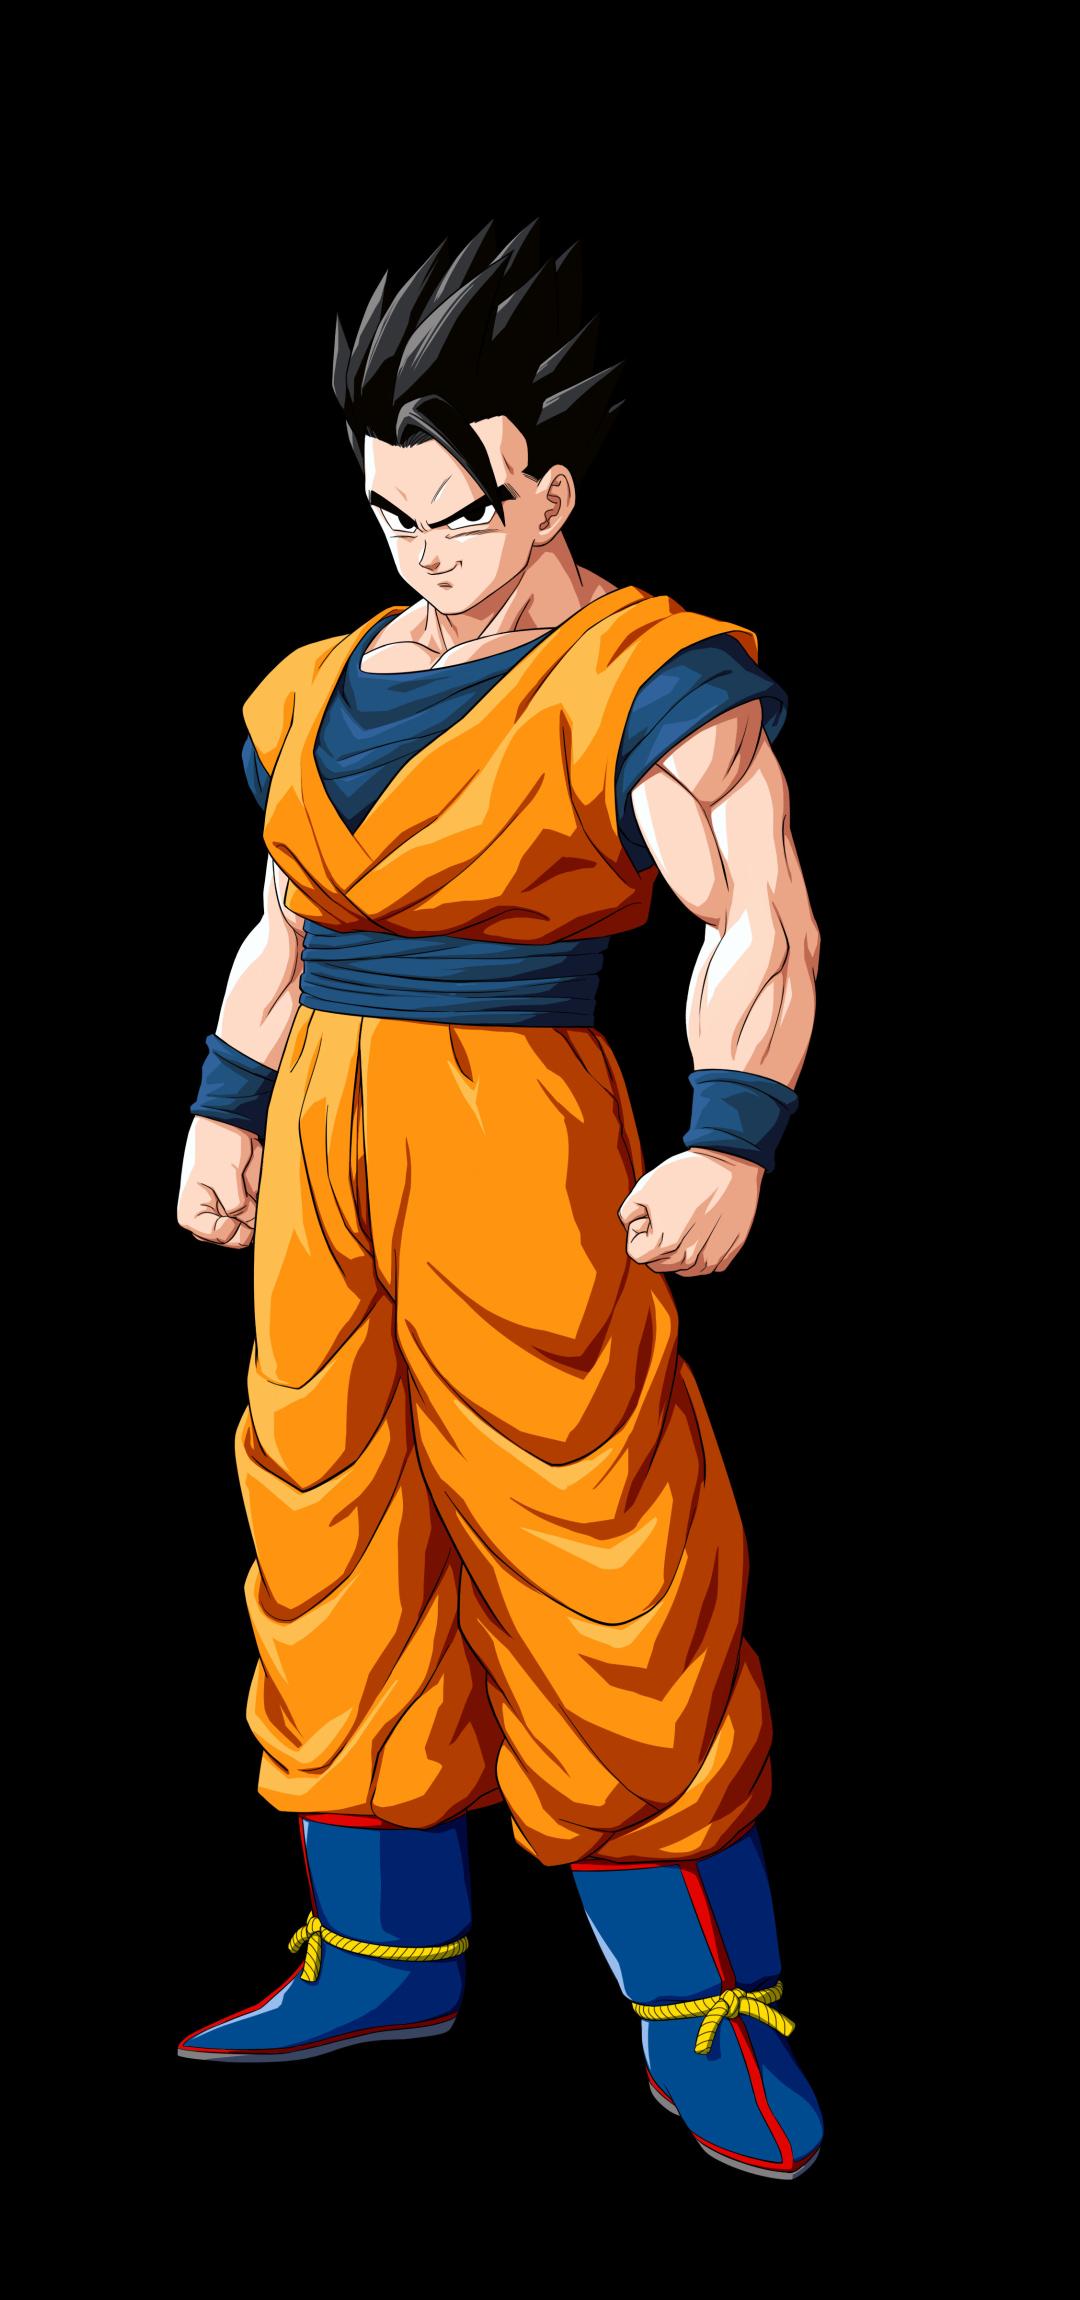 1080x2300 8K Goku Dragon Ball Z Kakarot 1080x2300 ...